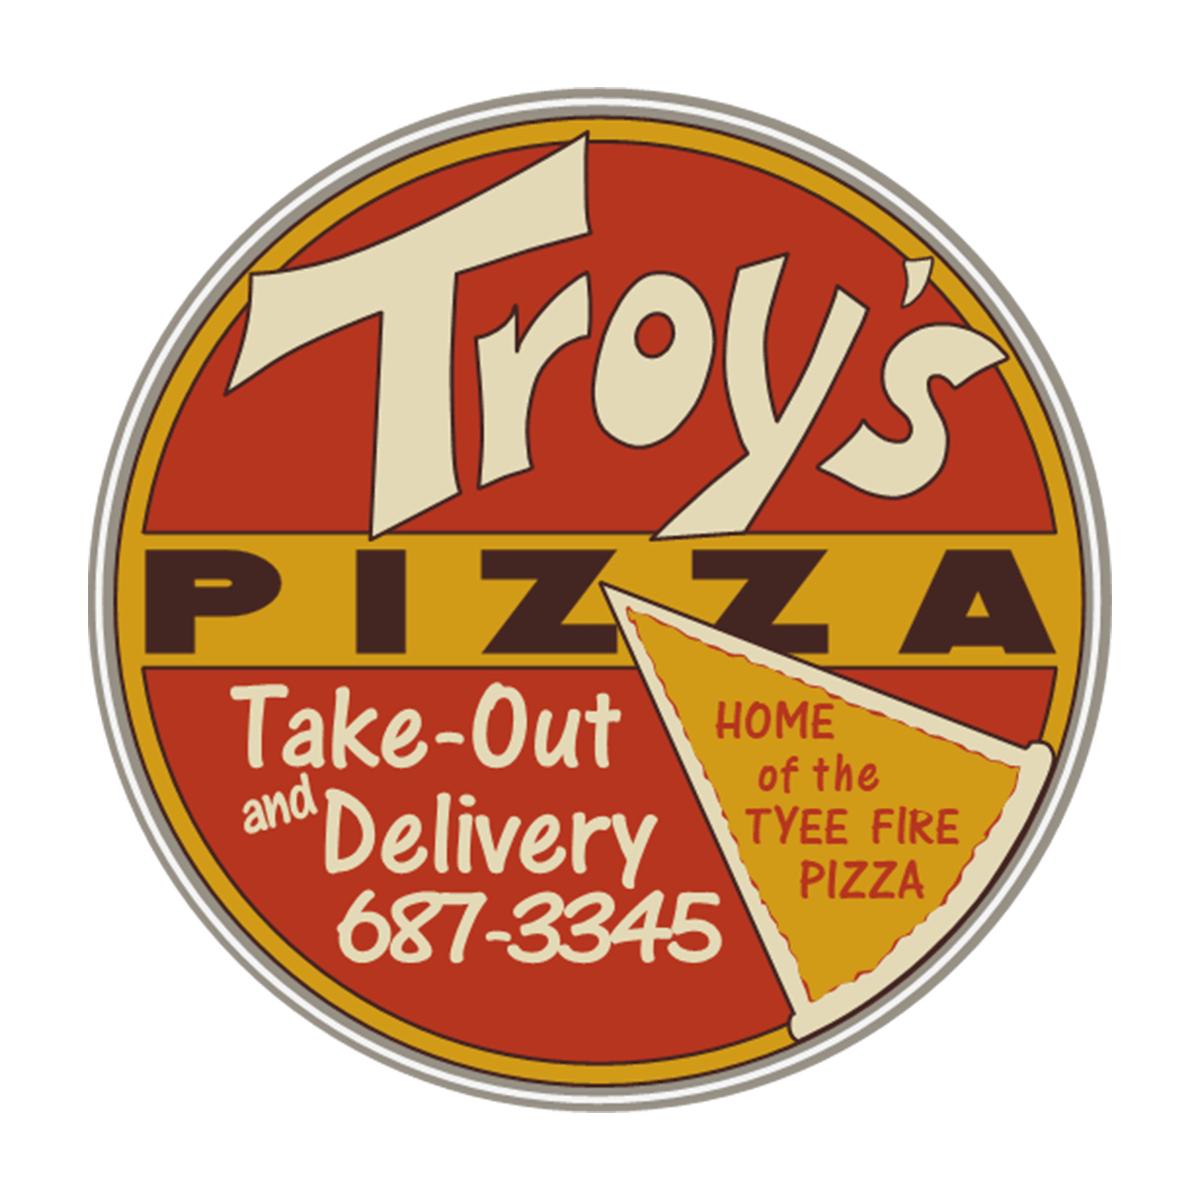 Troy's Pizza logo